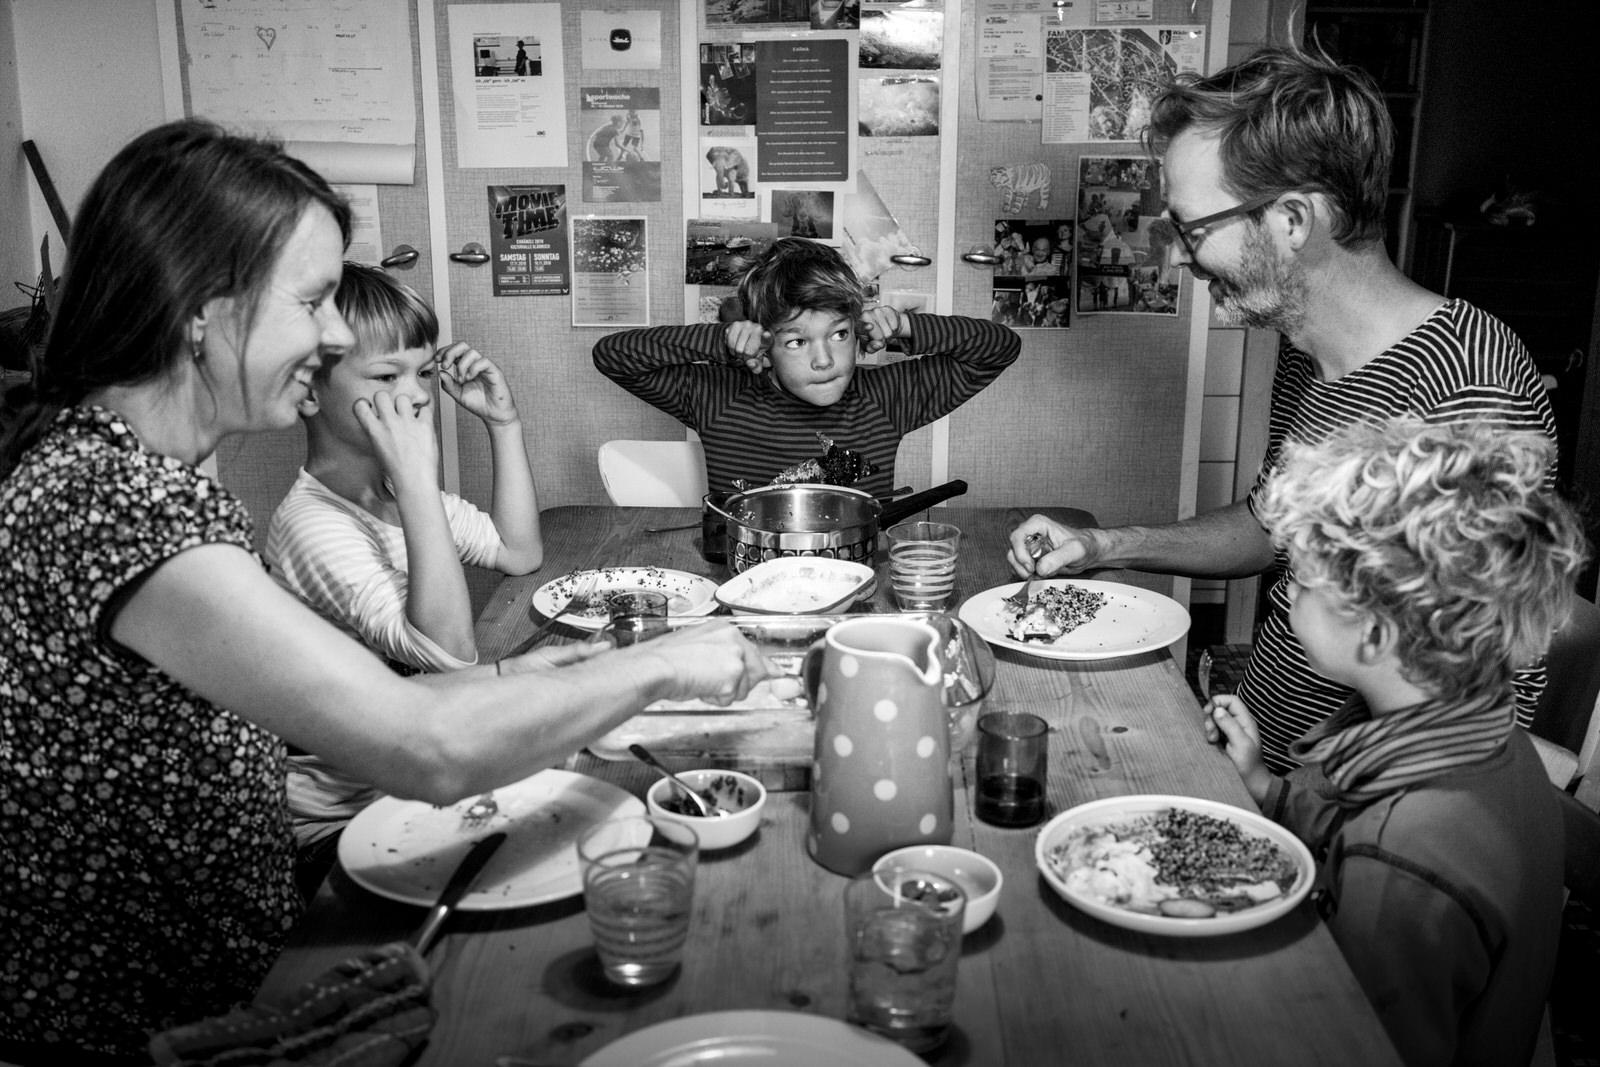 Familie beim Essen - Familienfotografin unterwegs | Familienfotos drinnen und draussen